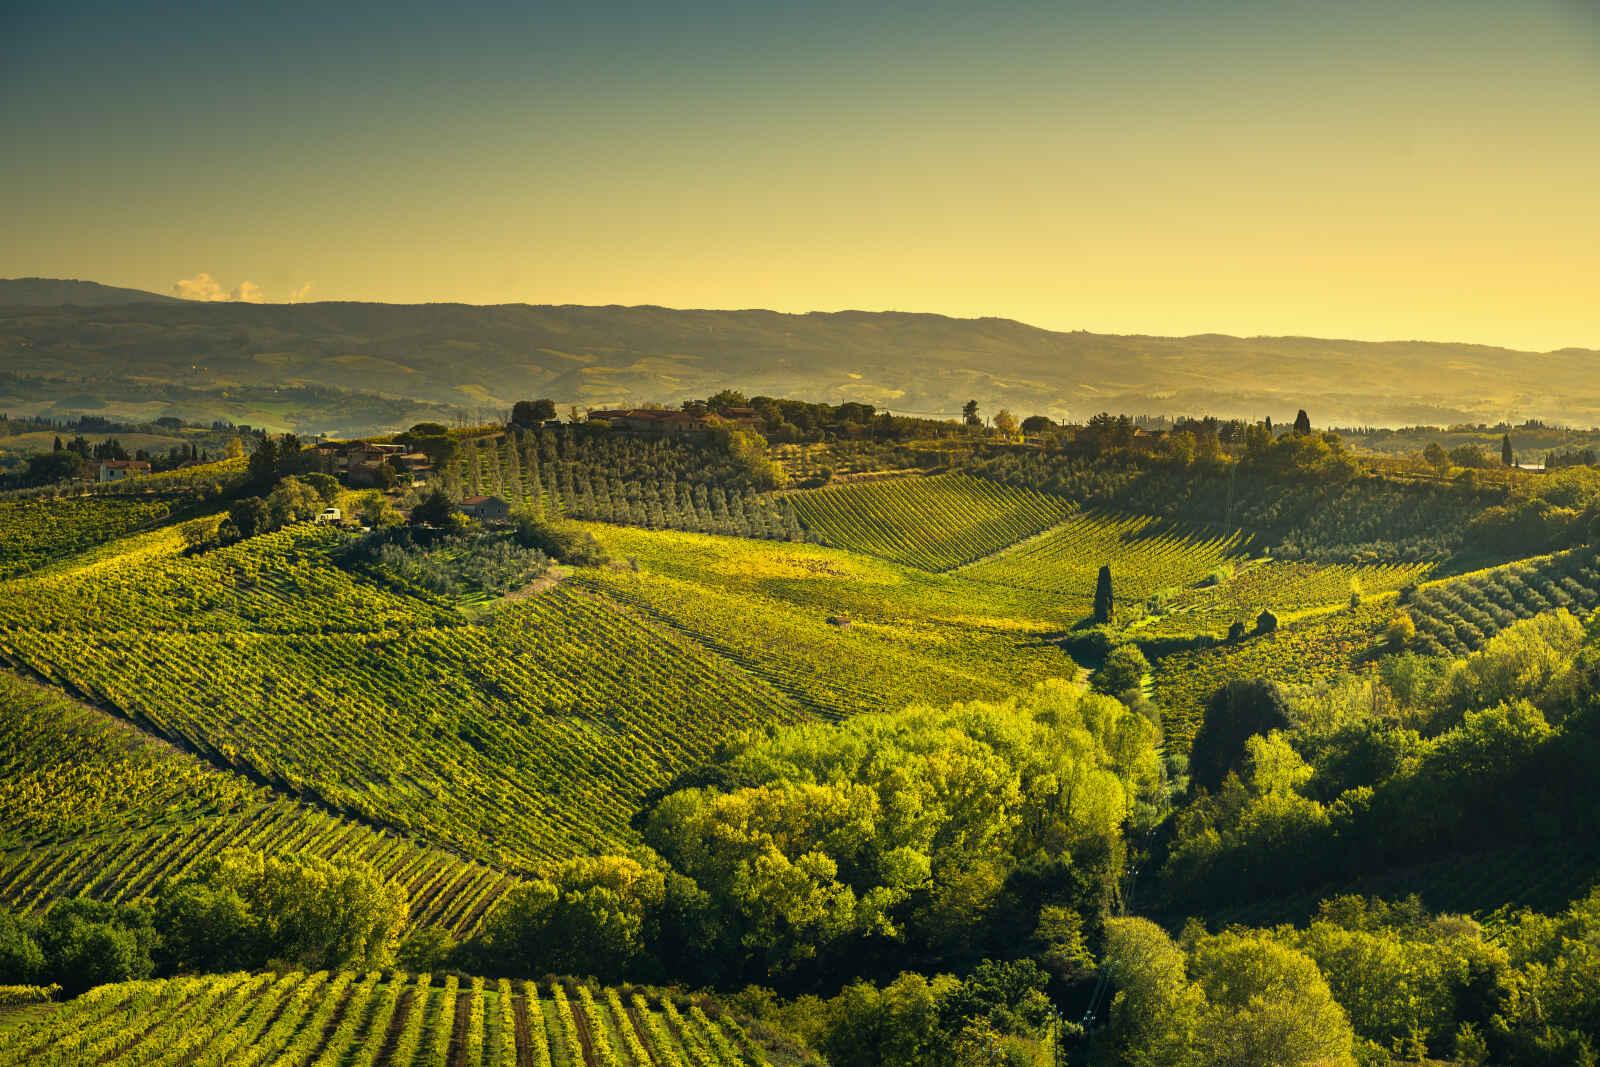 Séjour Toscane - Autotour Toscana avec votre propre véhicule